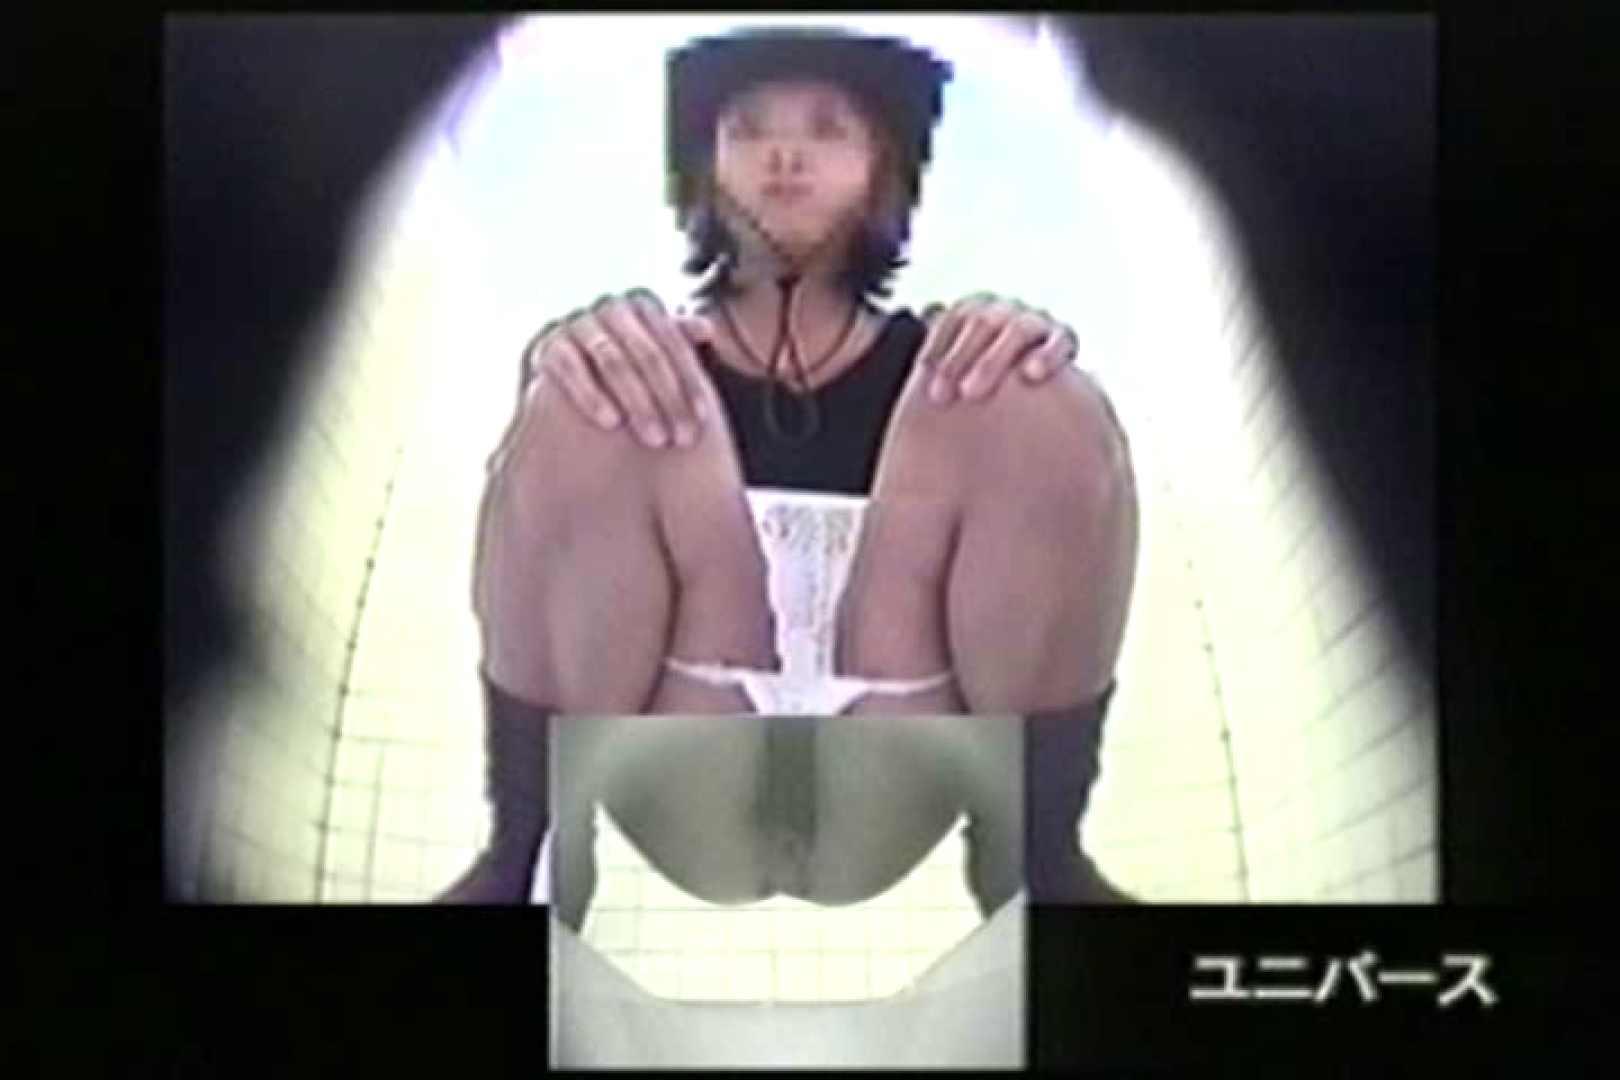 下半身シースルー洗面所Vol.2 美女ヌード天国 盗み撮り動画キャプチャ 69PIX 55